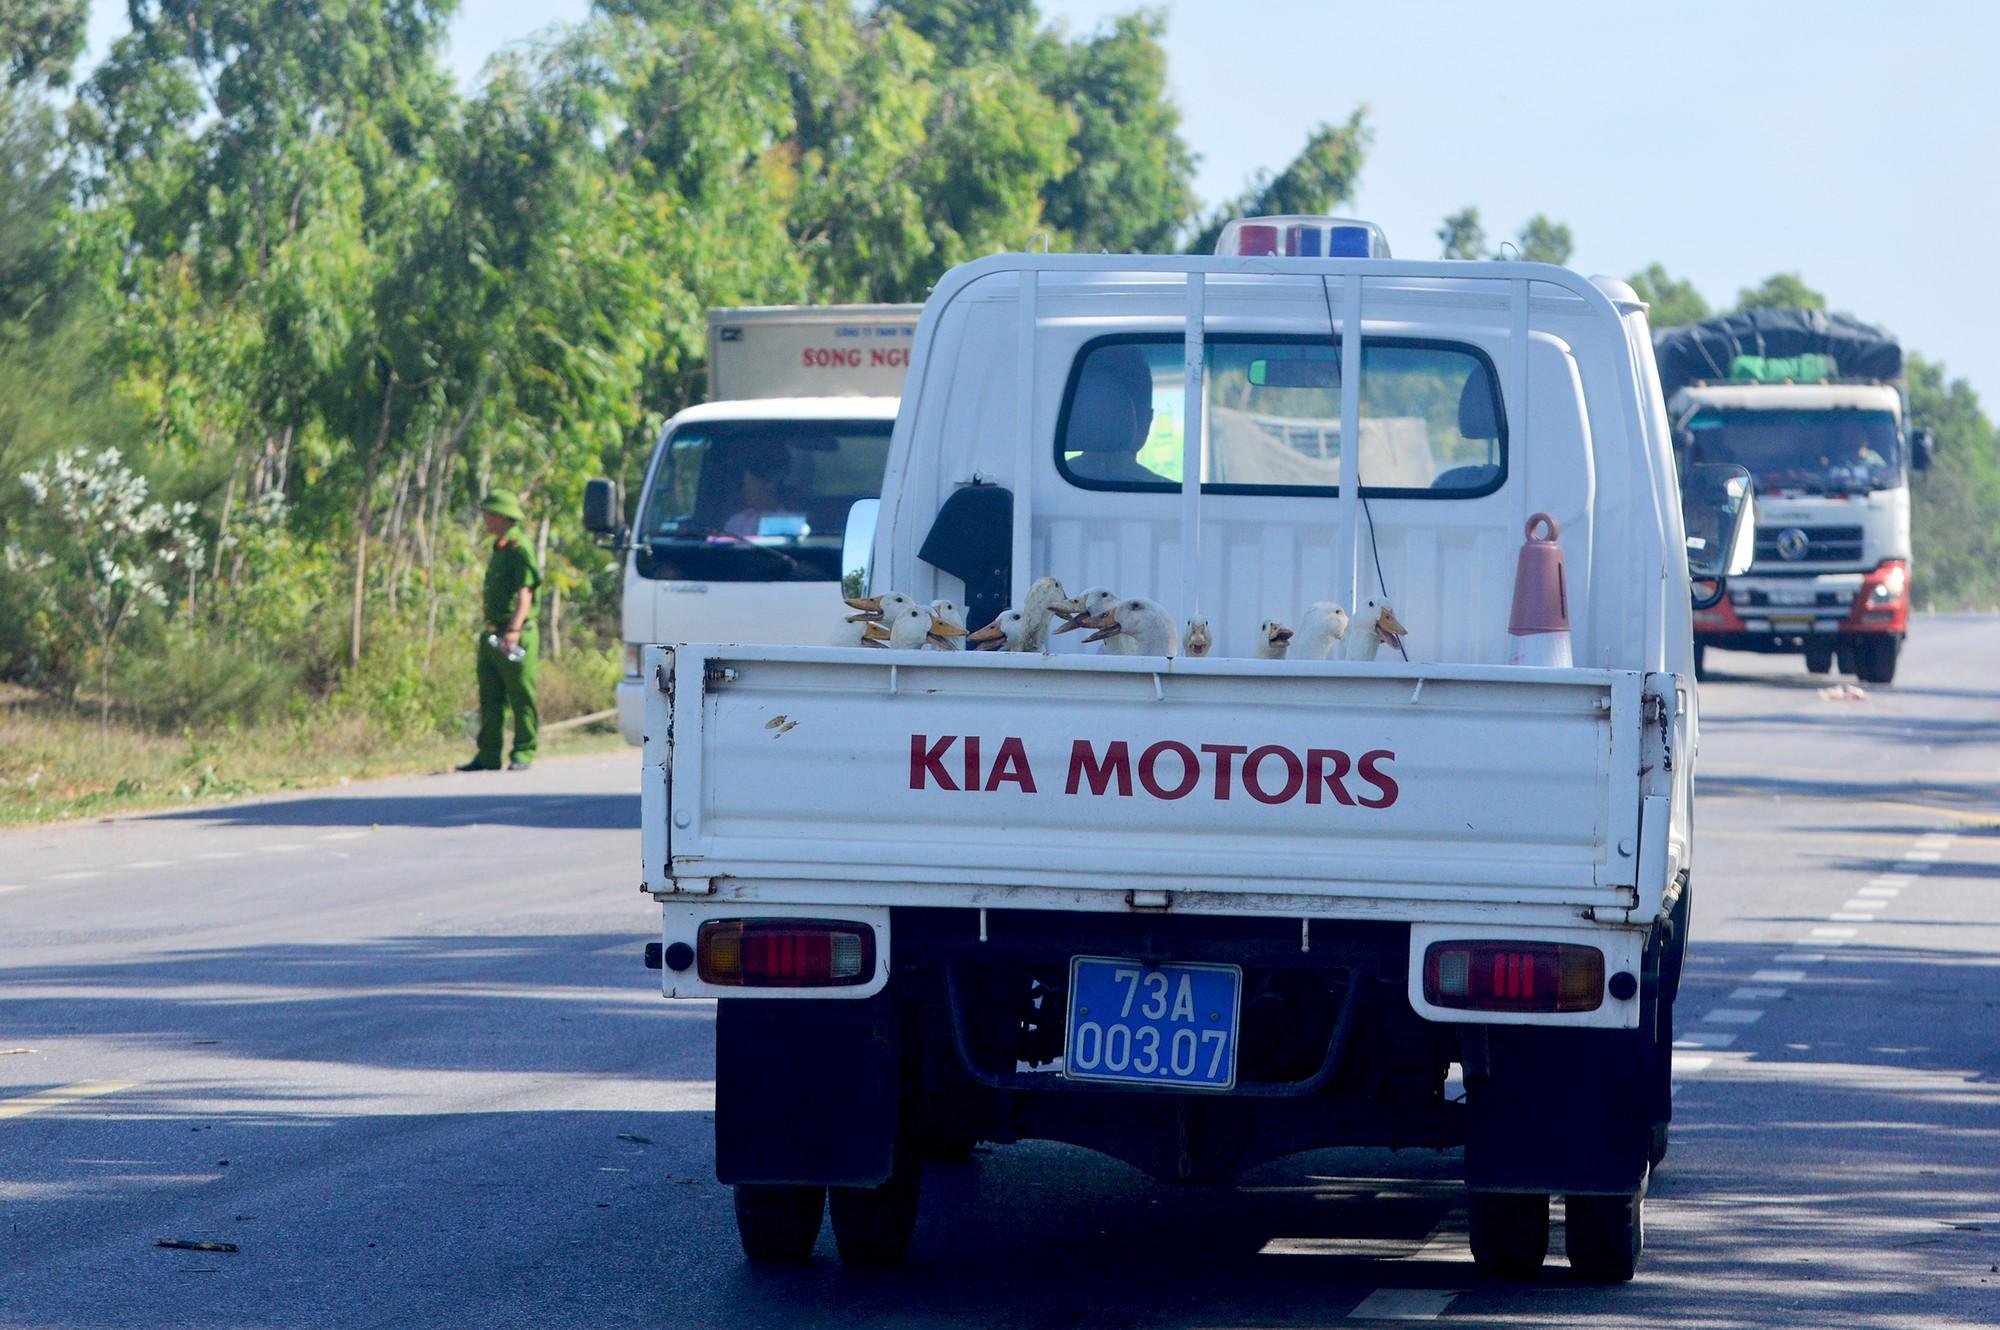 Xe tải gặp nạn, hàng trăm con vịt bị dân hôi của buộc công an xuống đường tìm vịt trả chủ xe  - Ảnh 7.